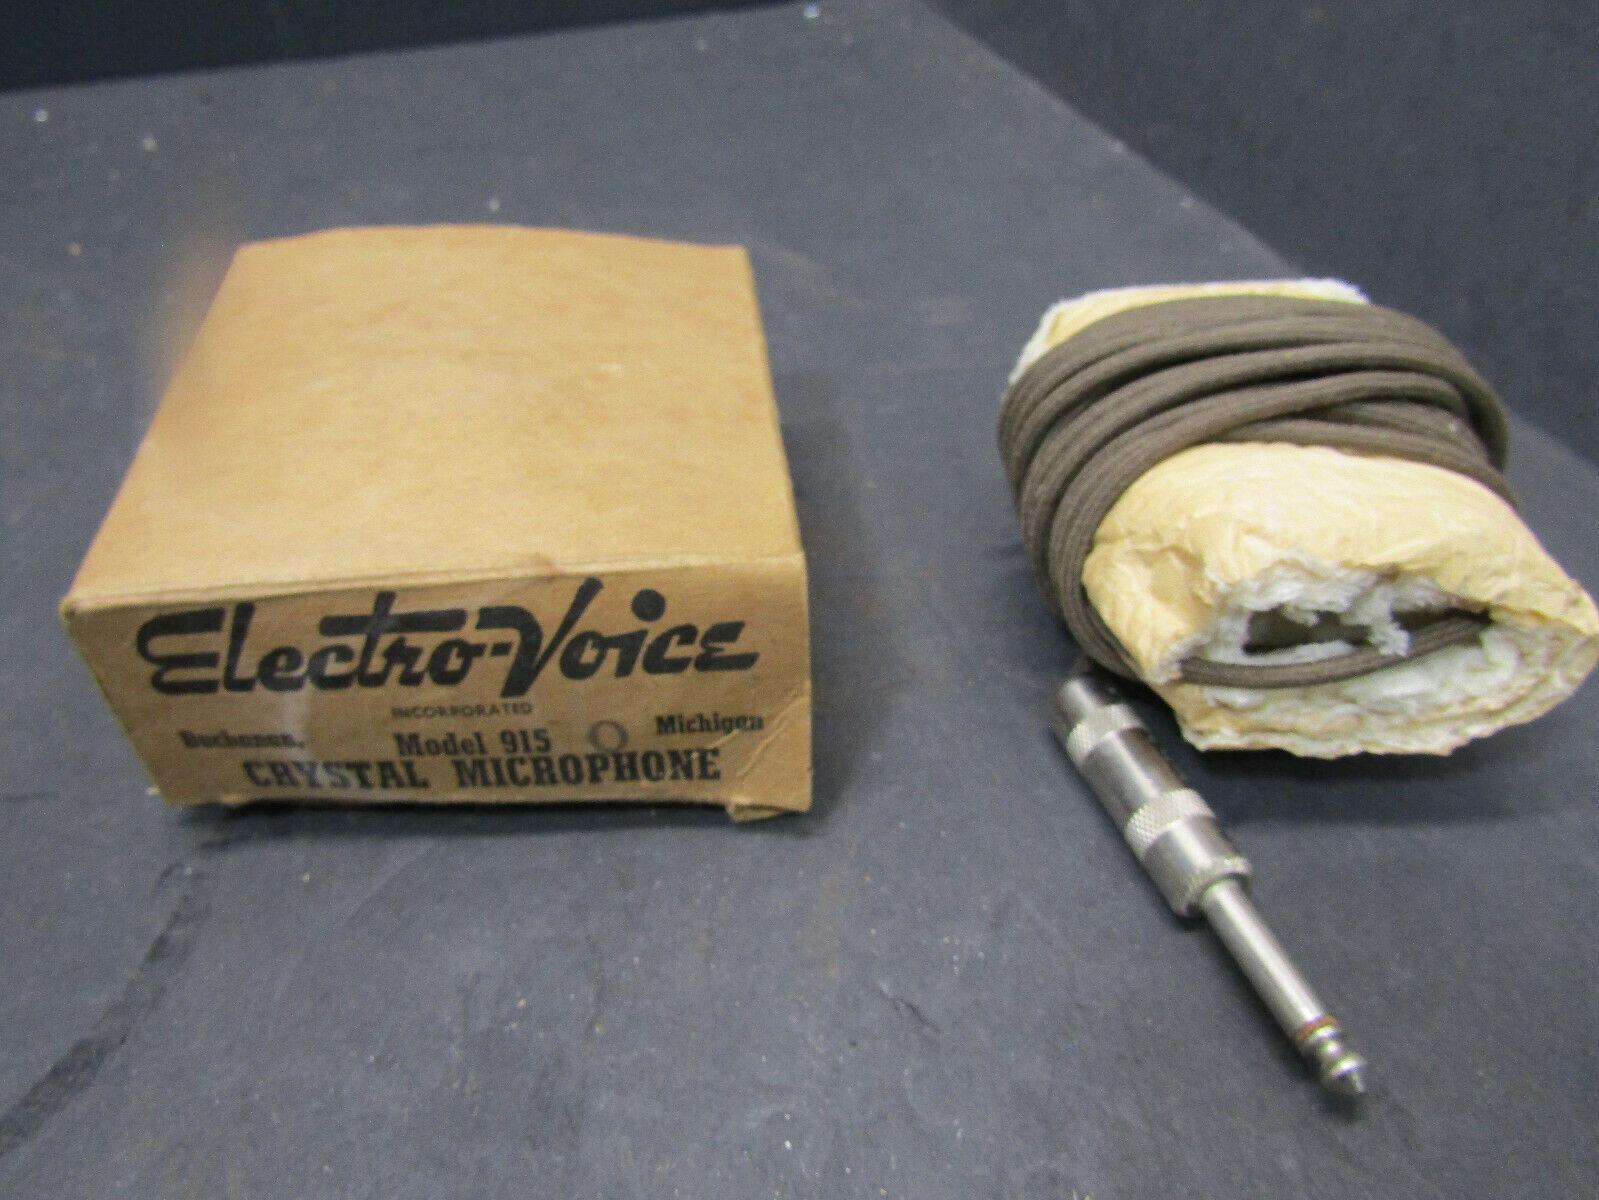 NIB Vintage Electro Voice Model 915 Crystal Microphone Buchanan Mi gan